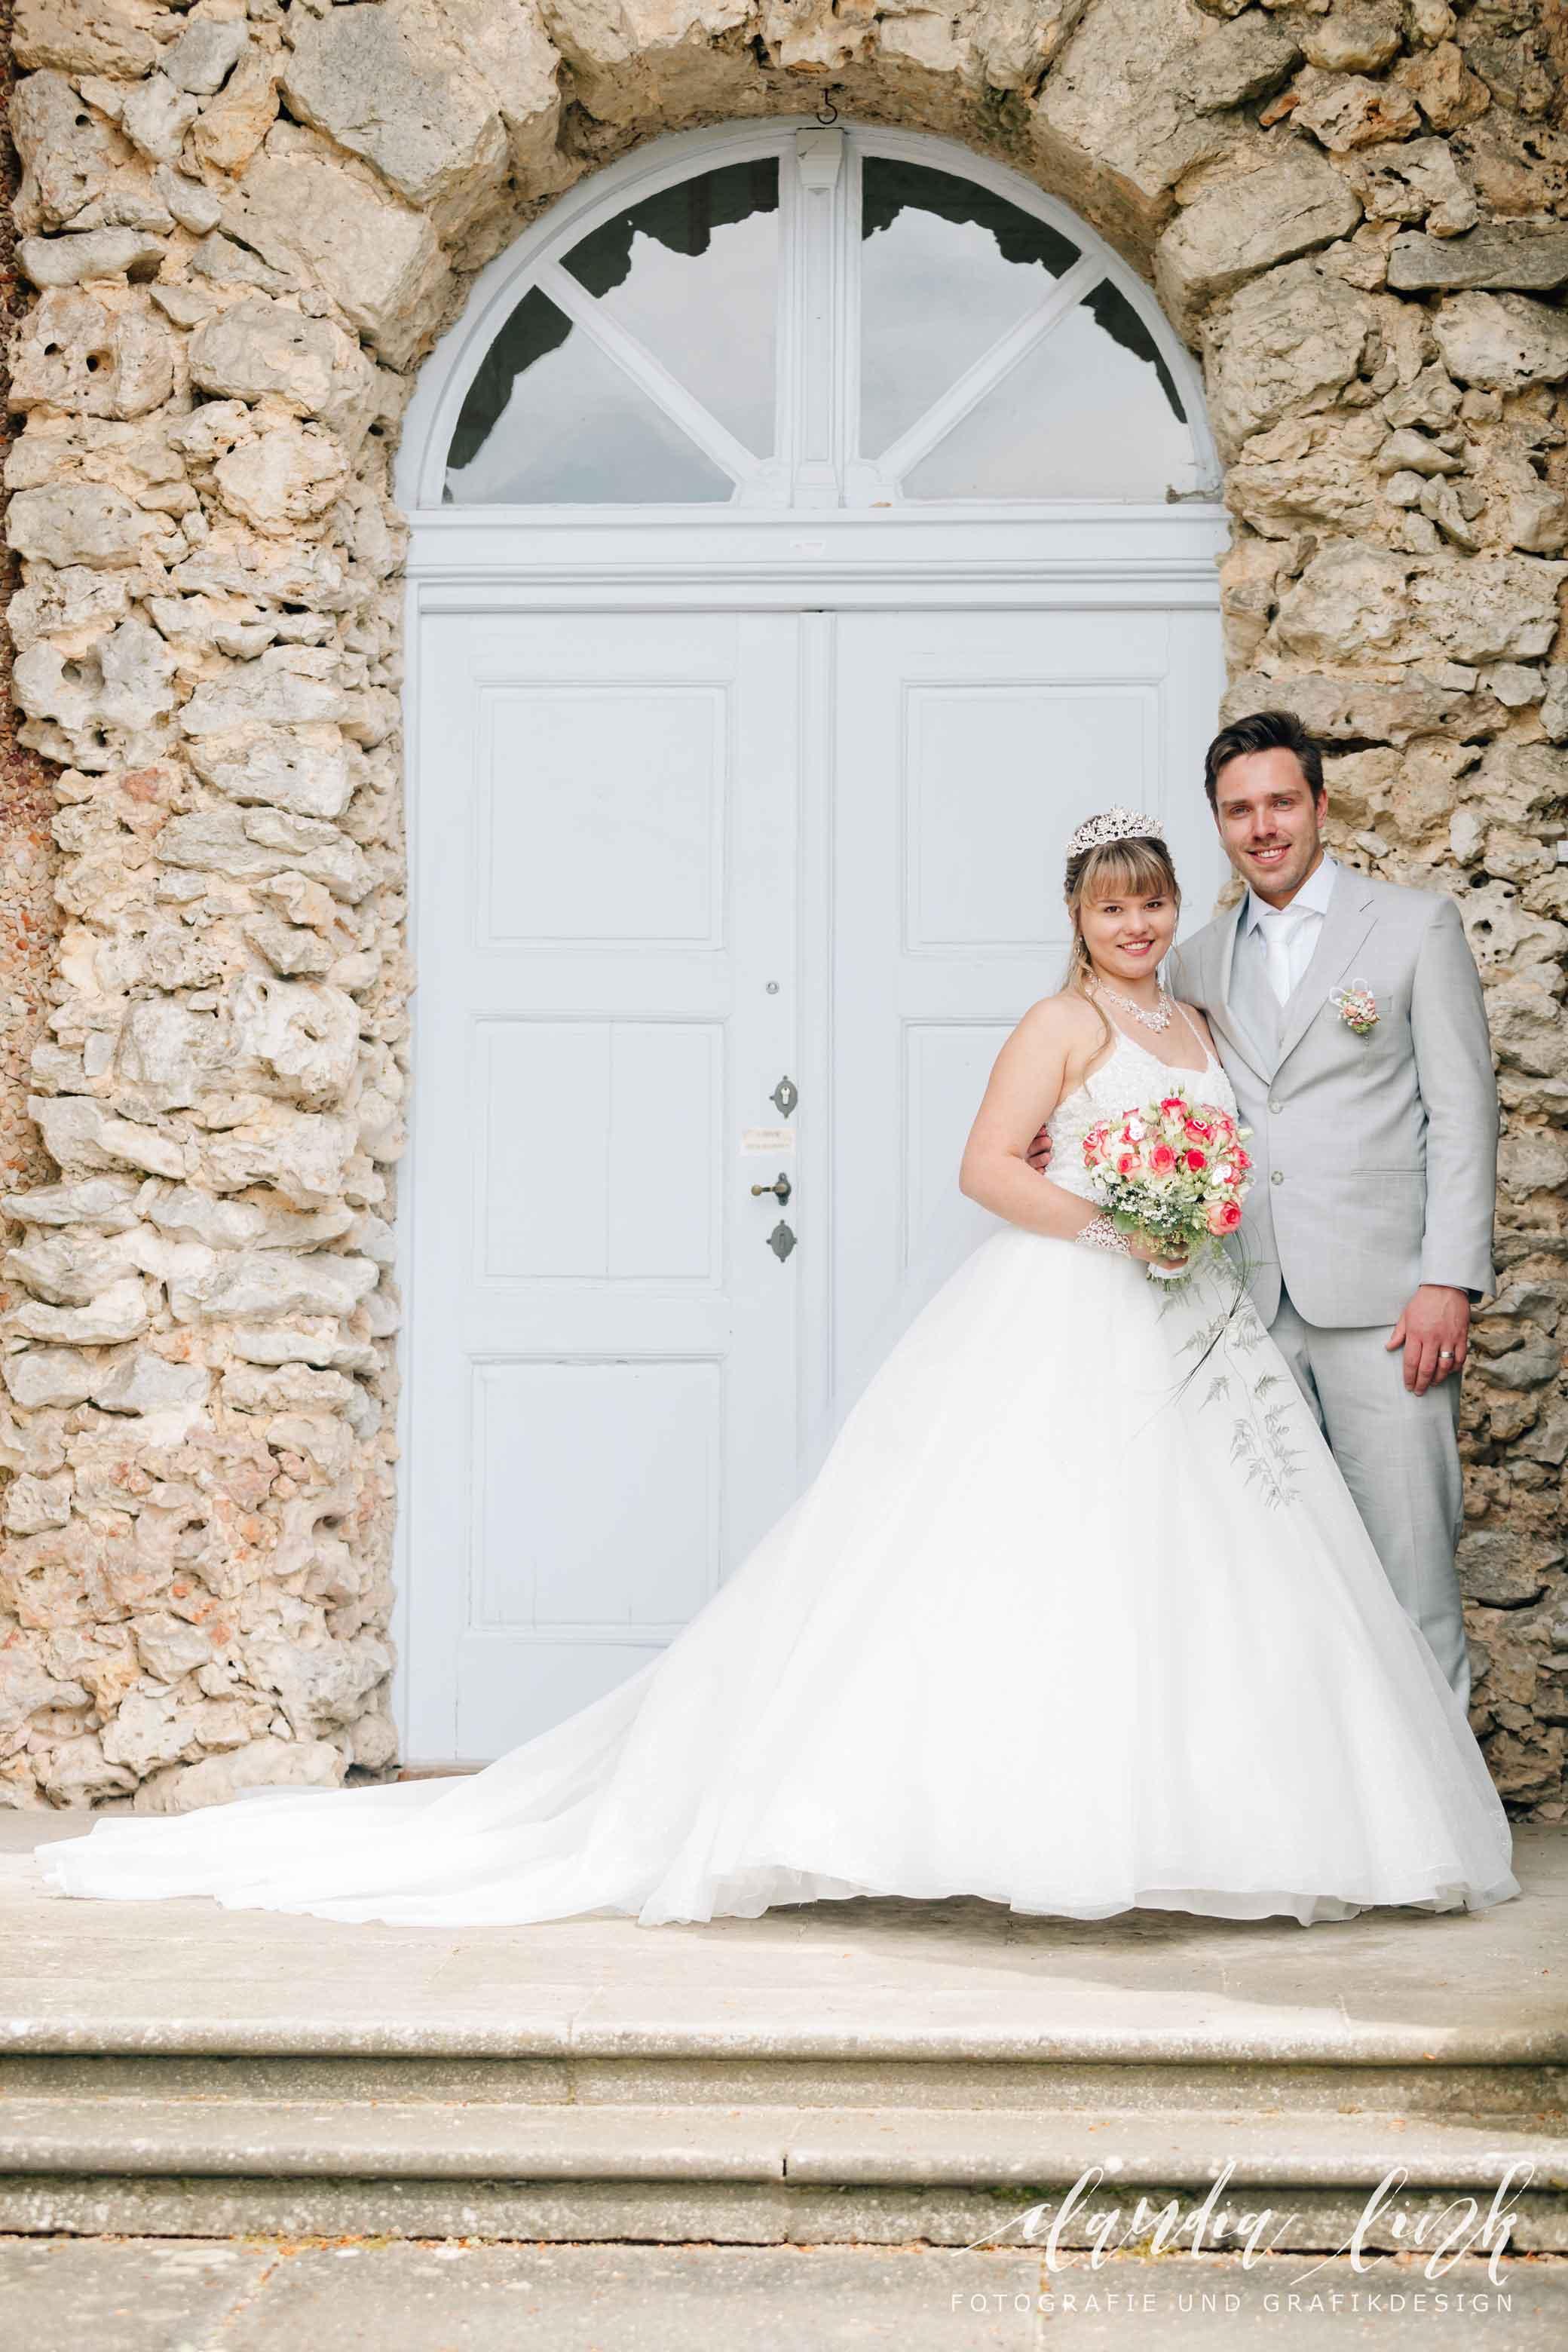 Kirchliche Hochzeit in Corona-Zeiten im fränkischen Burgkunstadt IMG 0207w